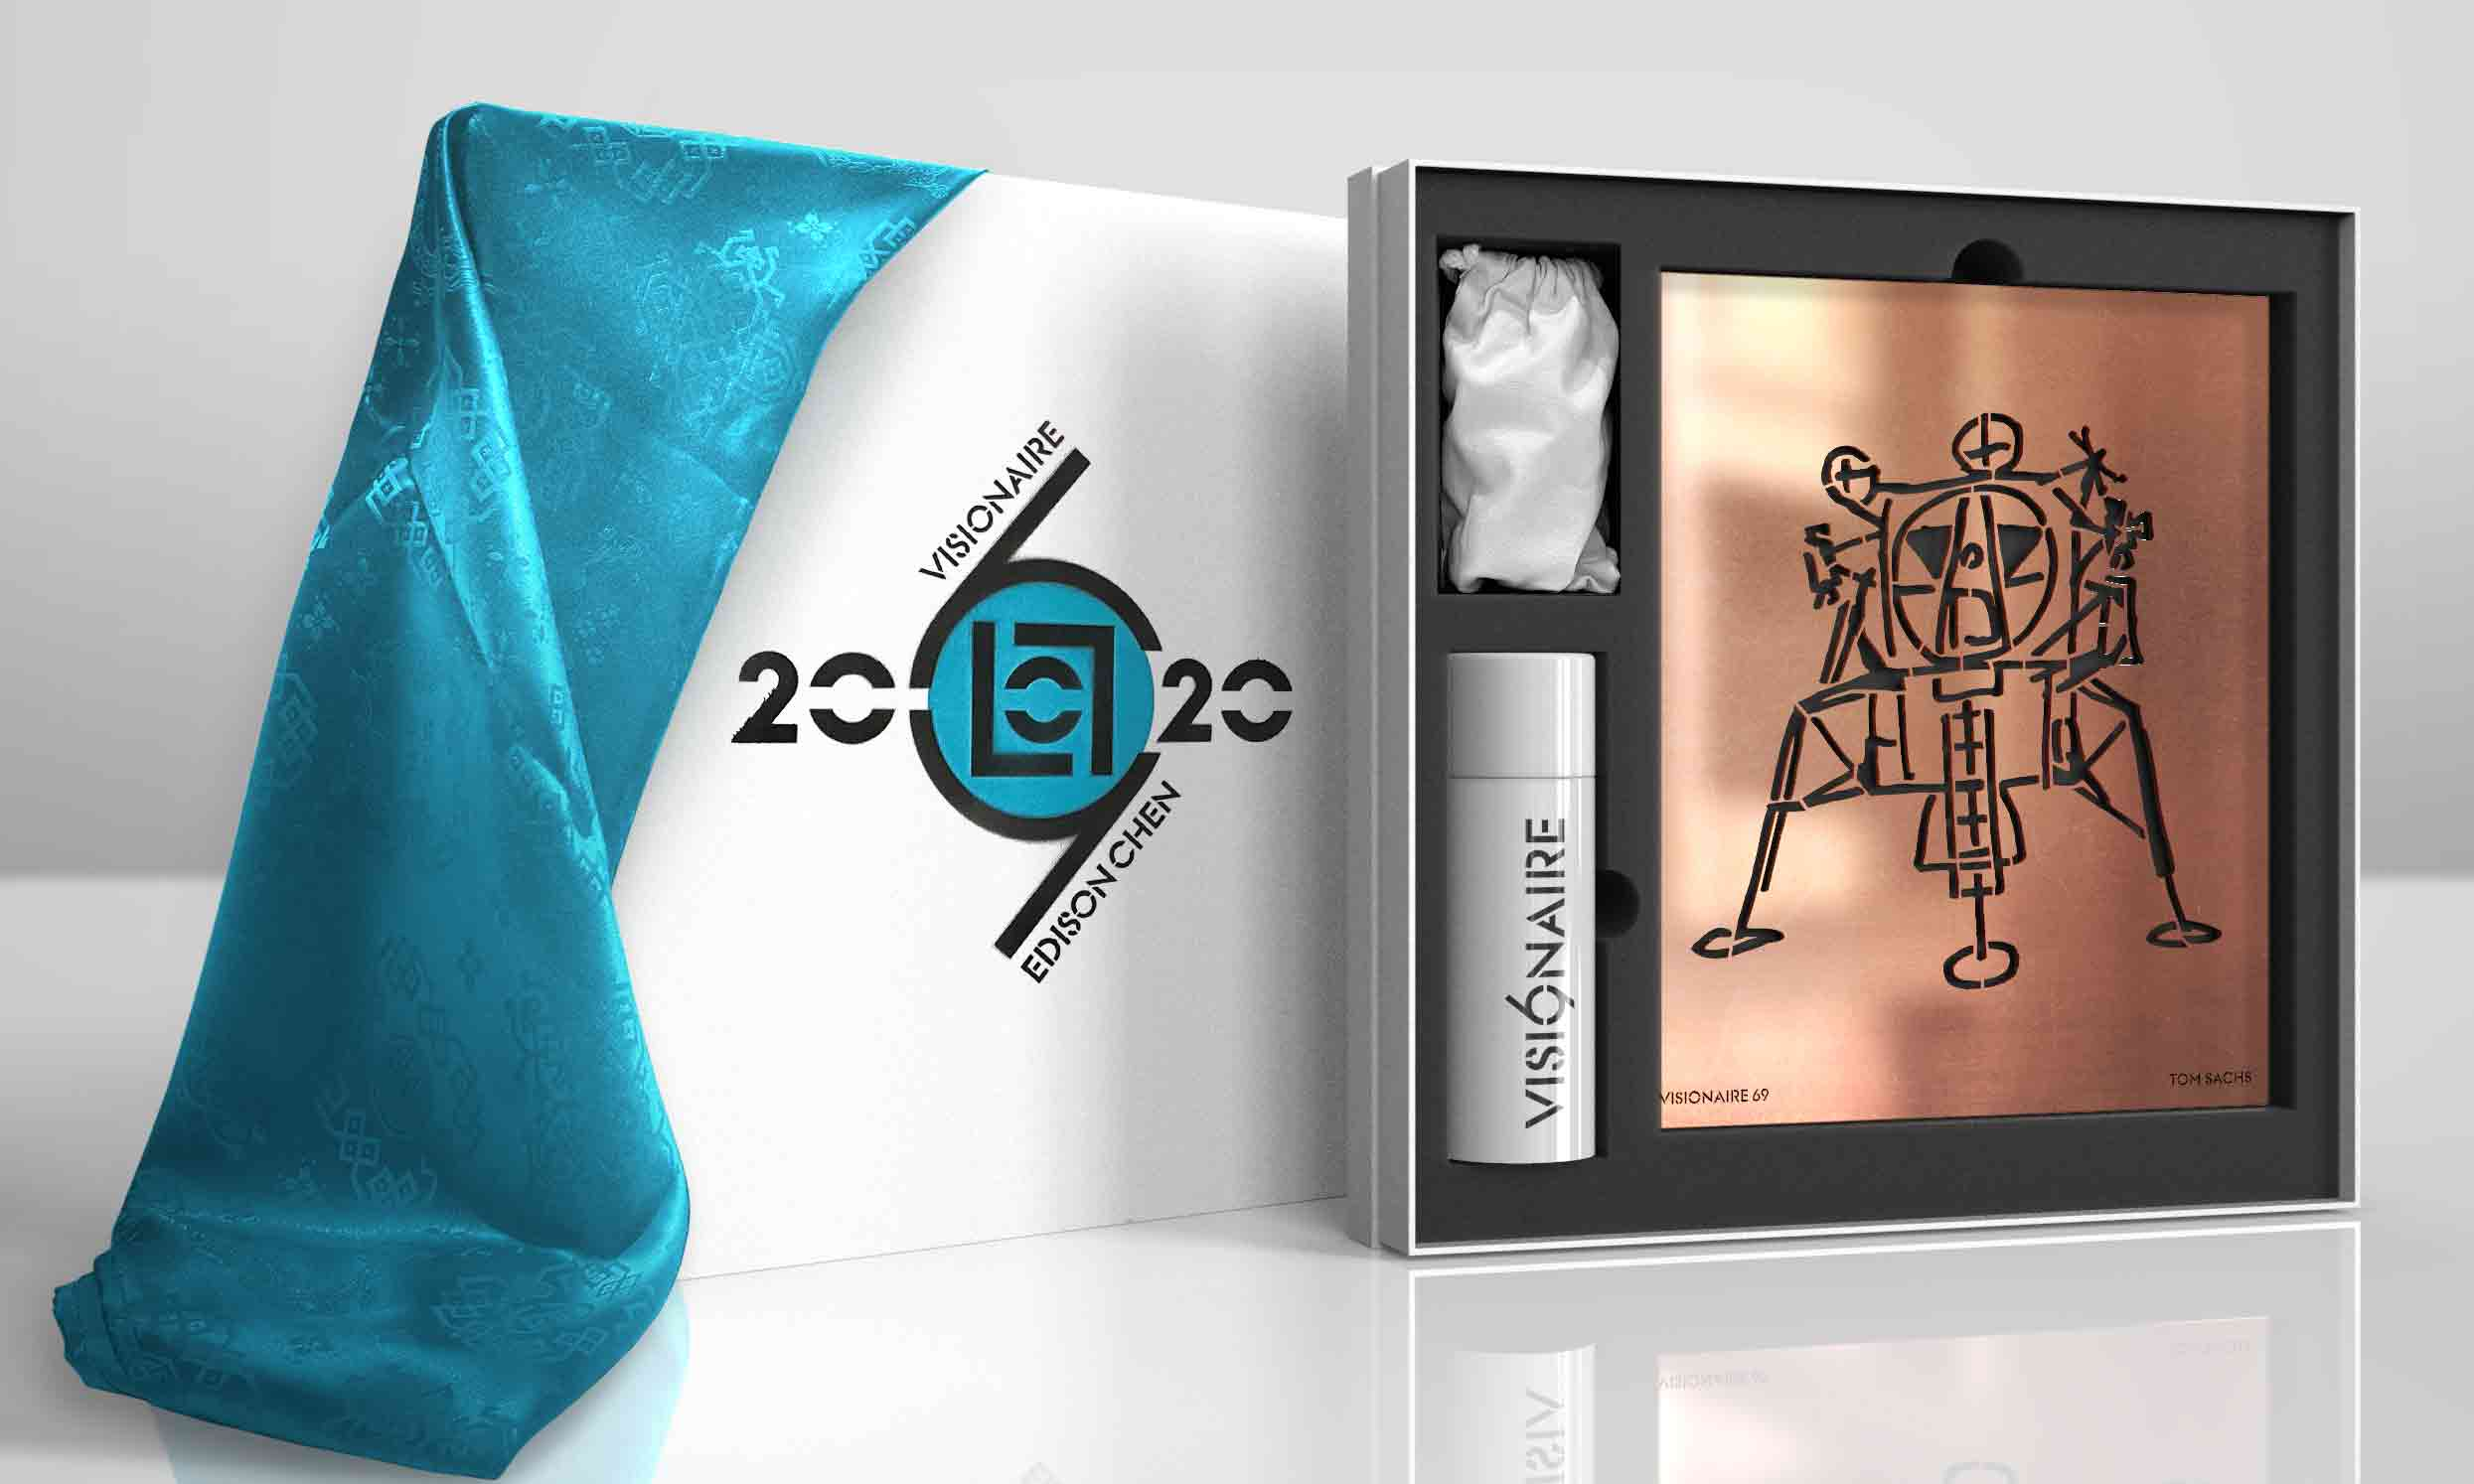 特邀陈冠希为 VISIONAIRE 首位中国客座策展人,第 69 期 《2020》向模板喷绘致敬